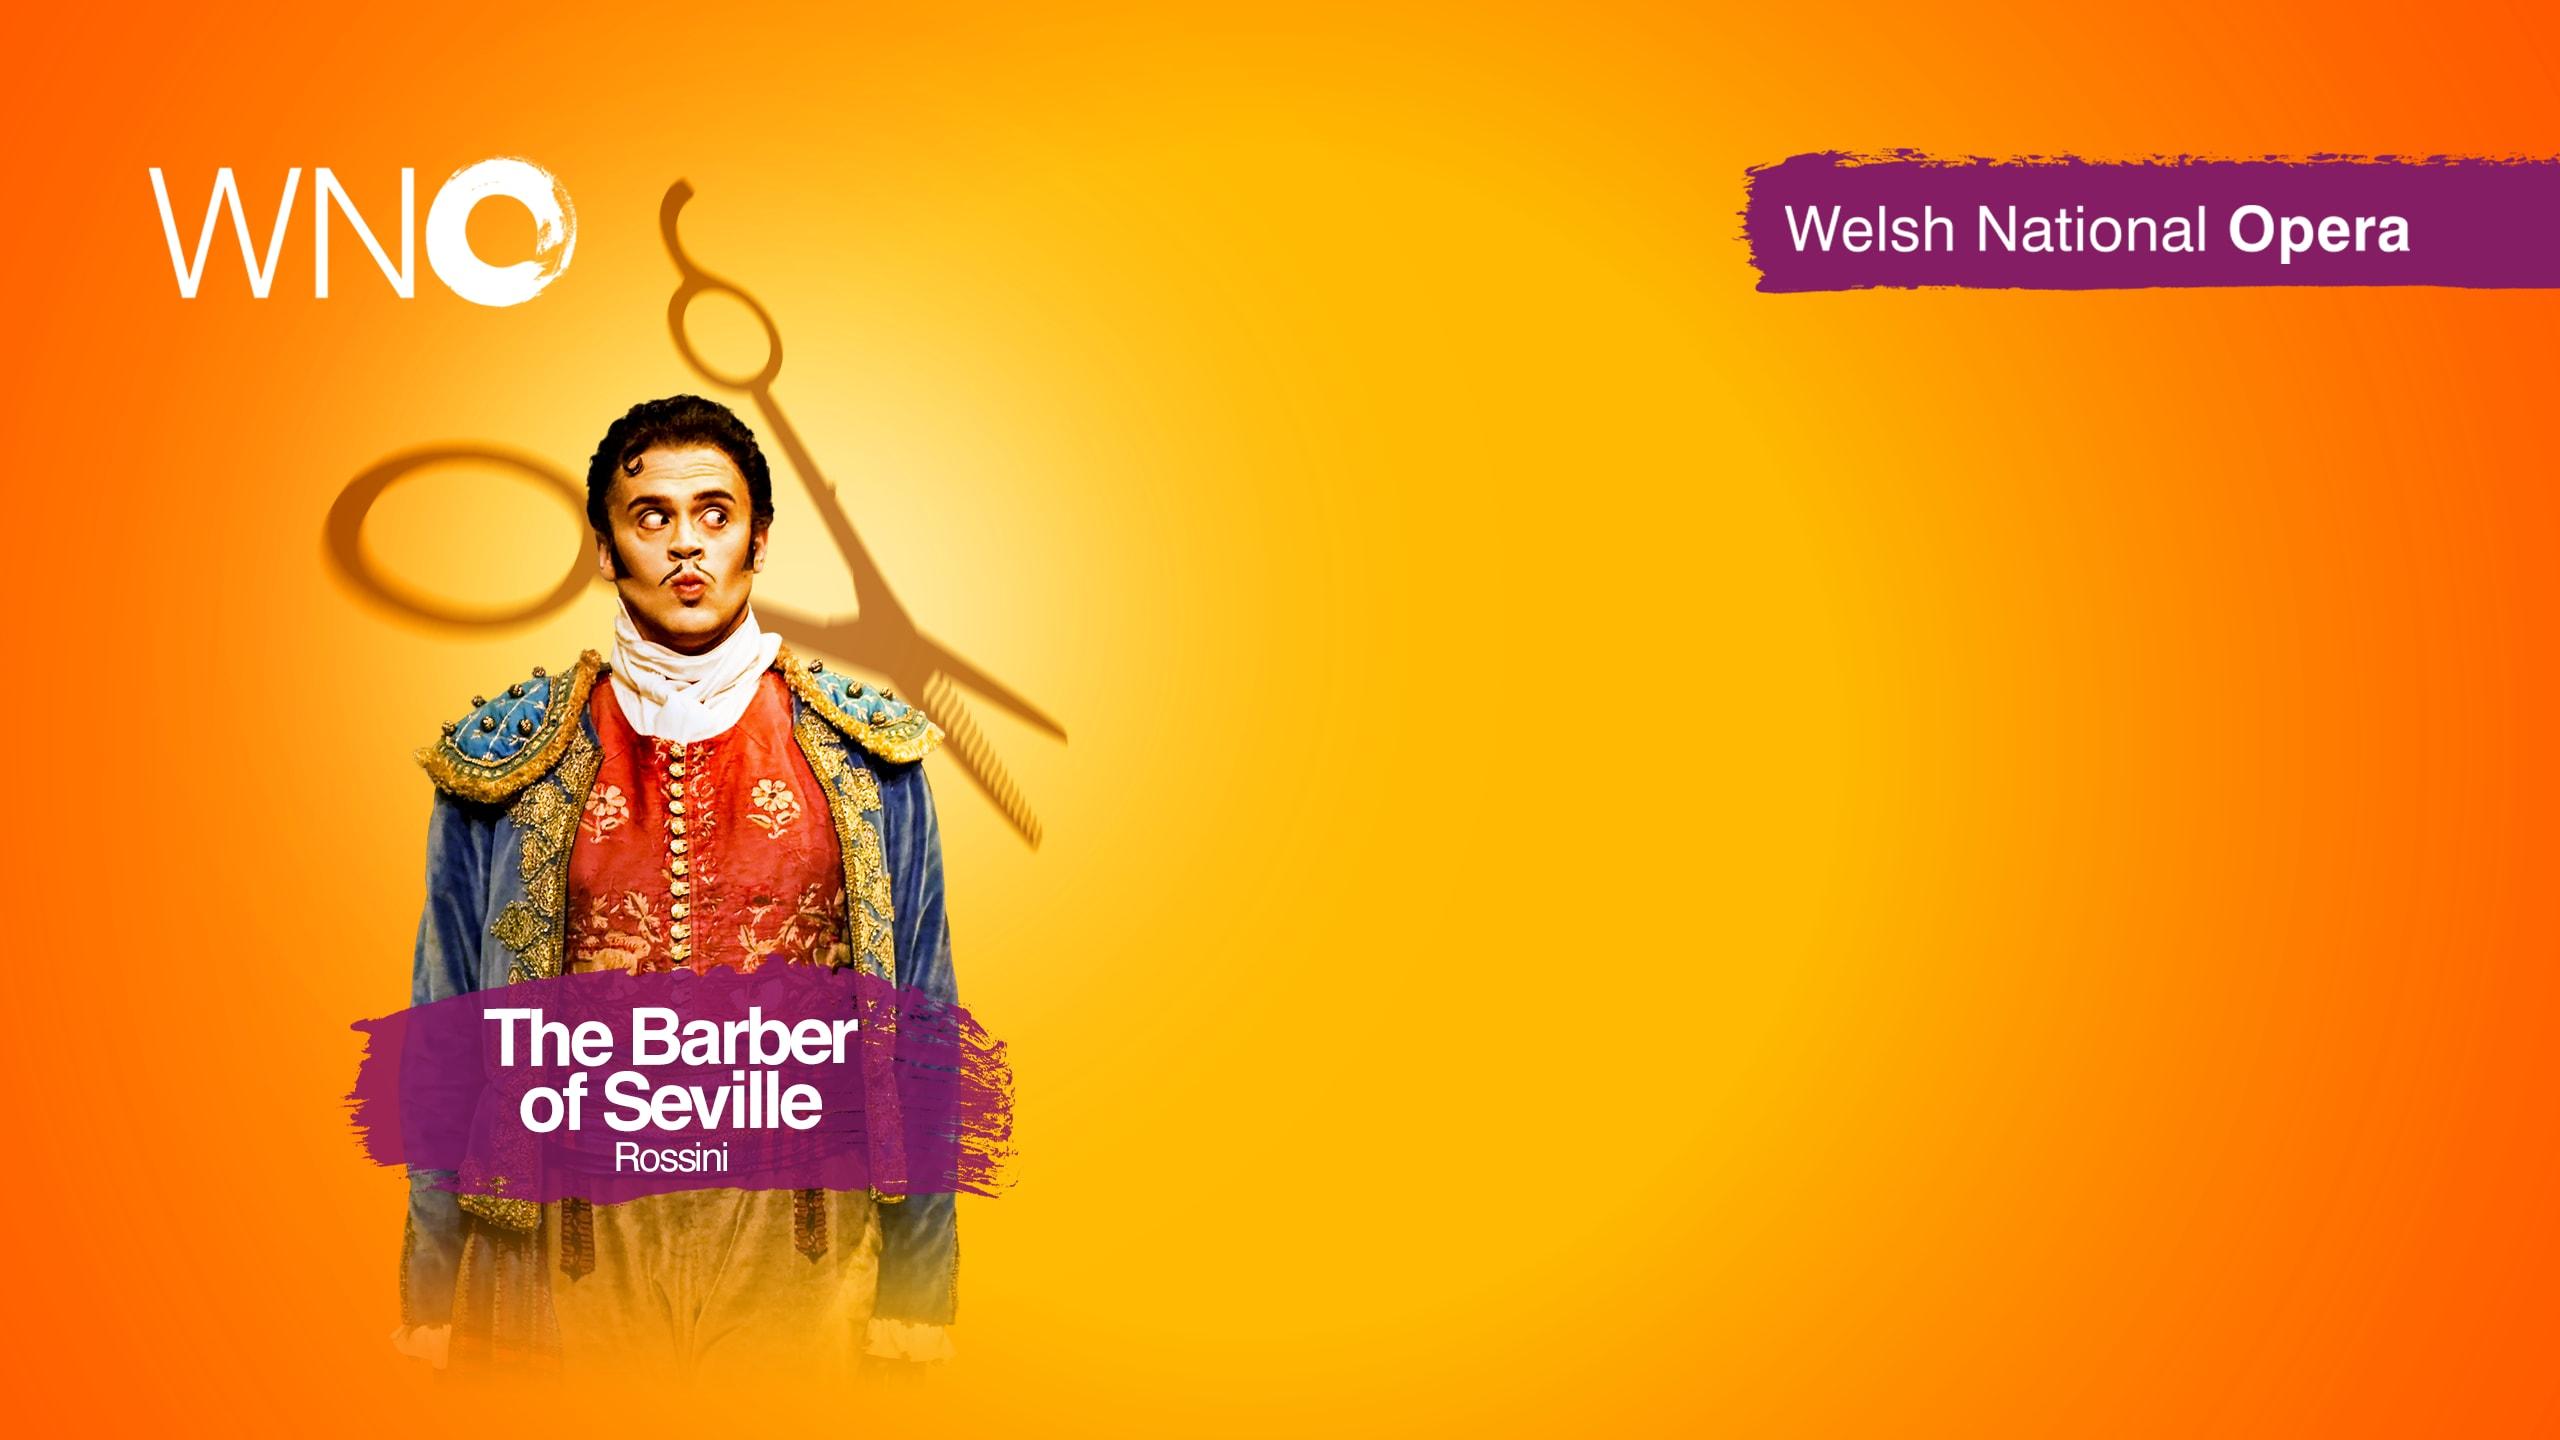 Welsh National Opera - Barber of Seville Prod Shot